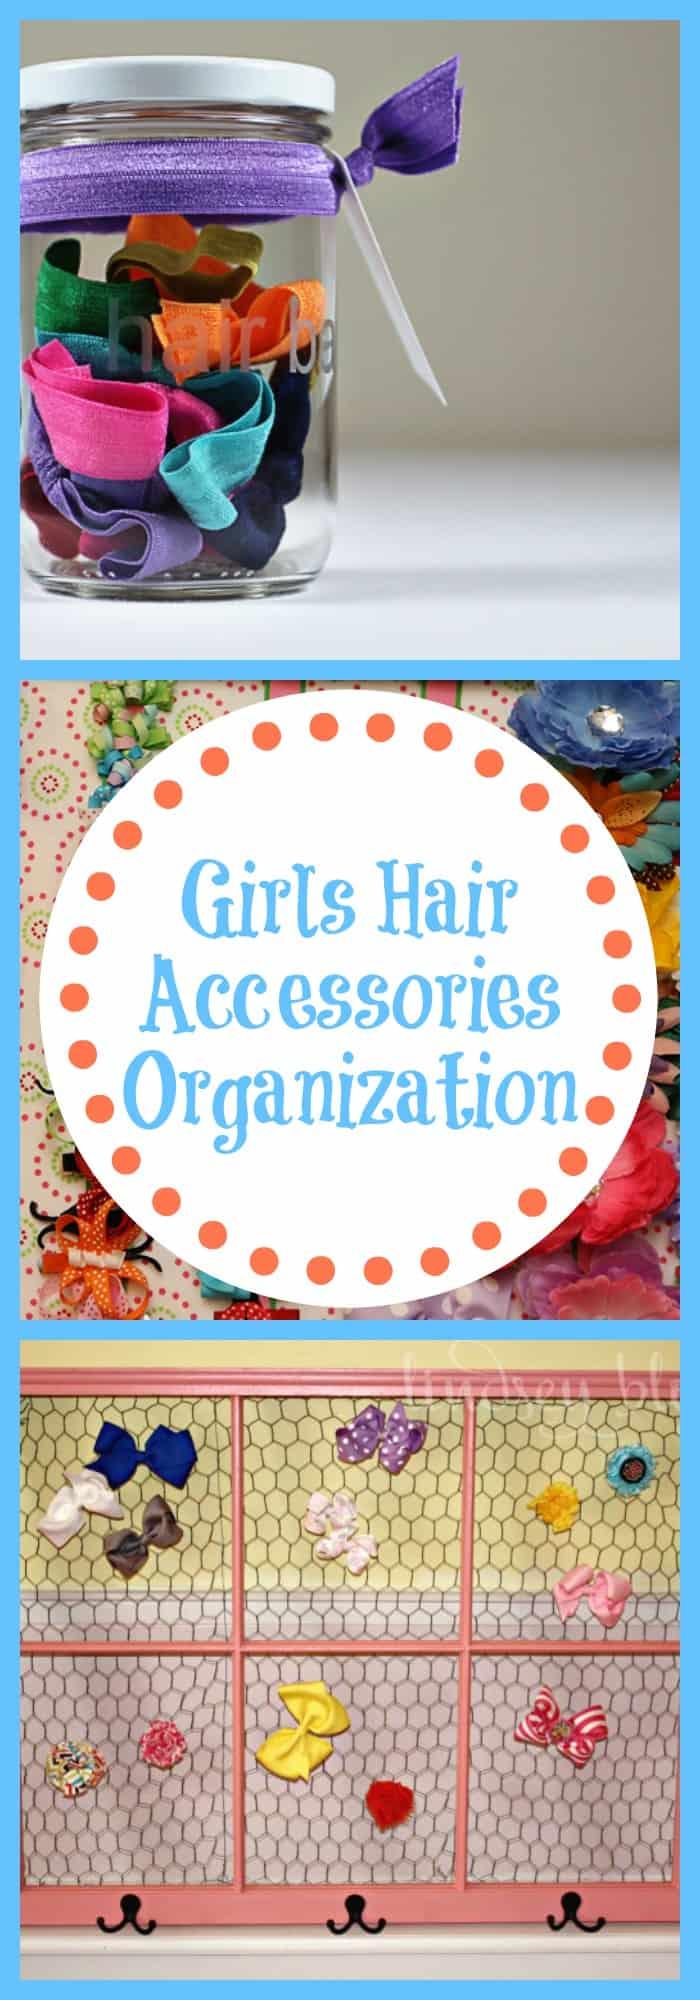 Girls Hair Accessories Organization